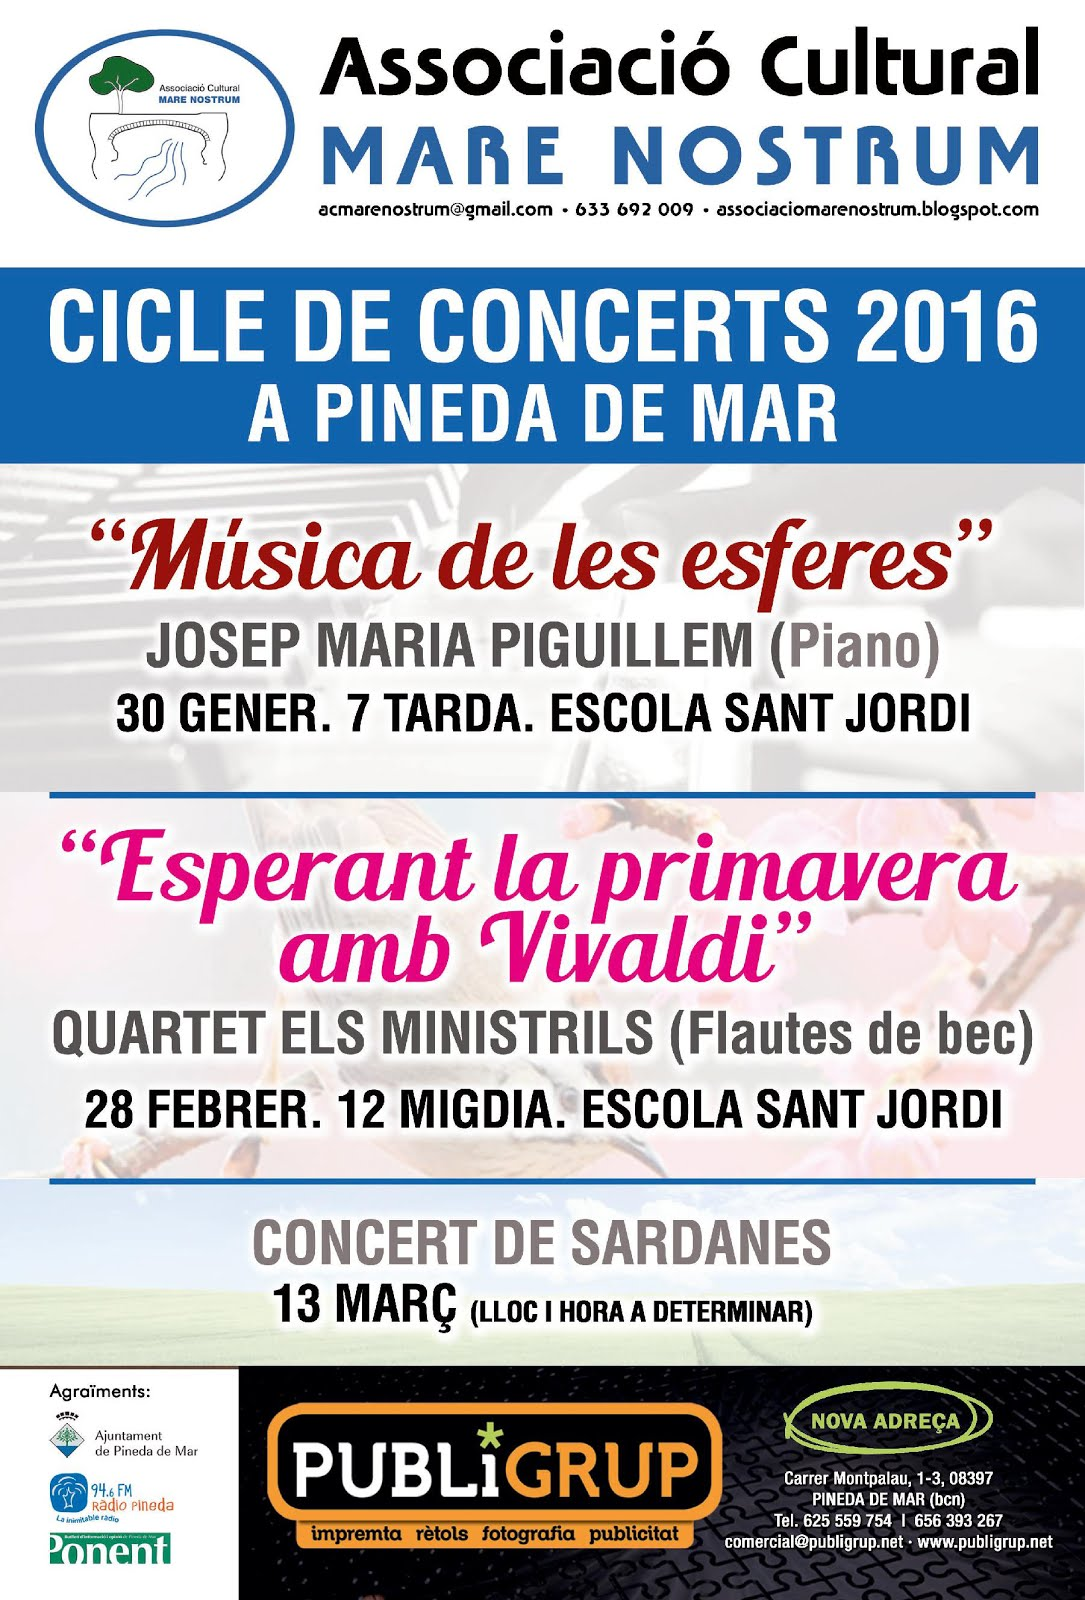 CICLE DE CONCERTS 2016